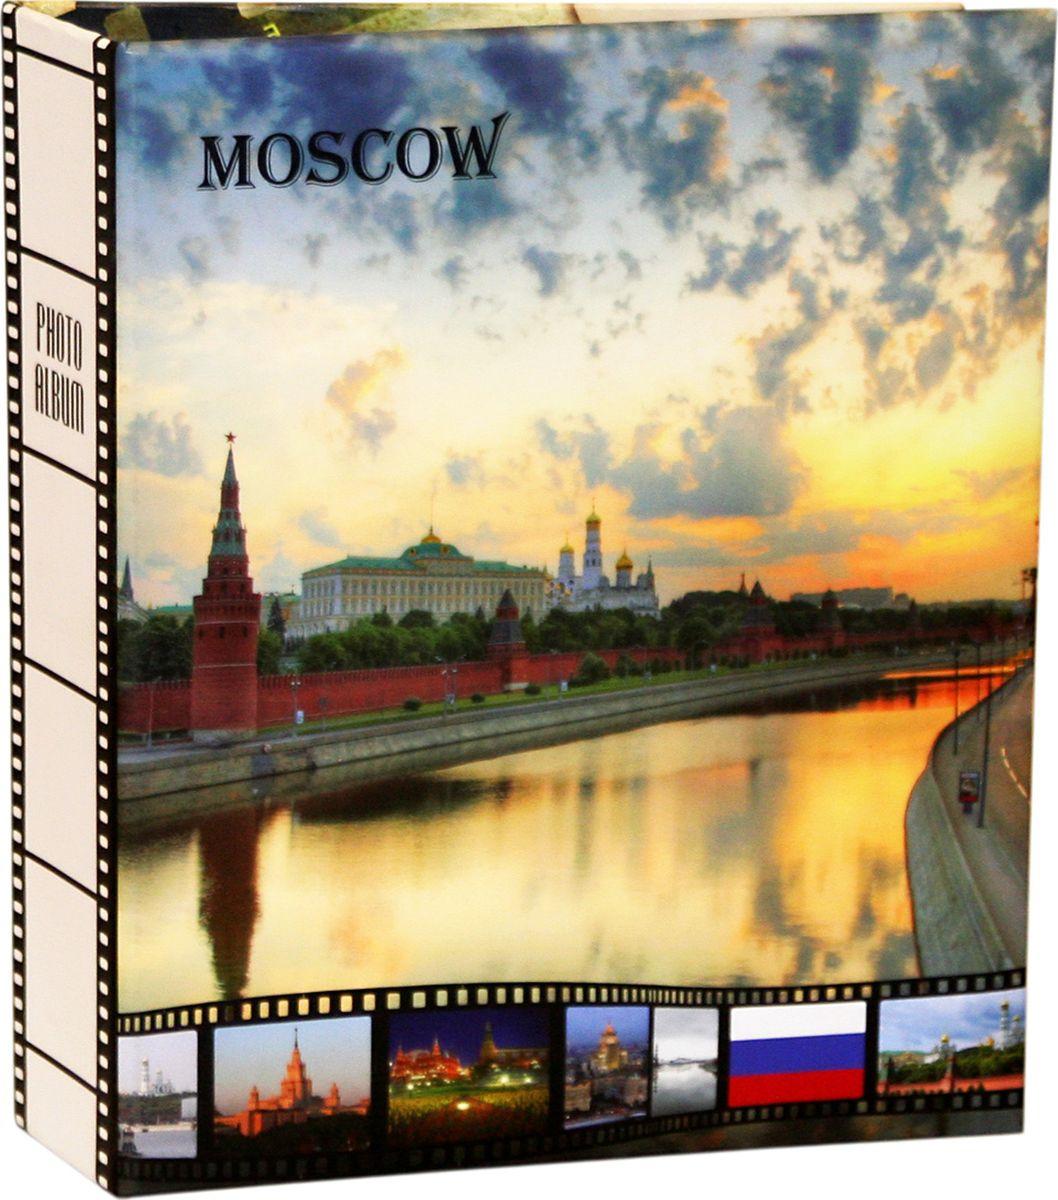 Фотоальбом Pioneer Travel Europe, 46490 LM-4R200, фото 10 х 15 см фотоальбом platinum ландшафт 1 200 фотографий 10 х 15 см цвет зеленый голубой коричневый pp 46200s